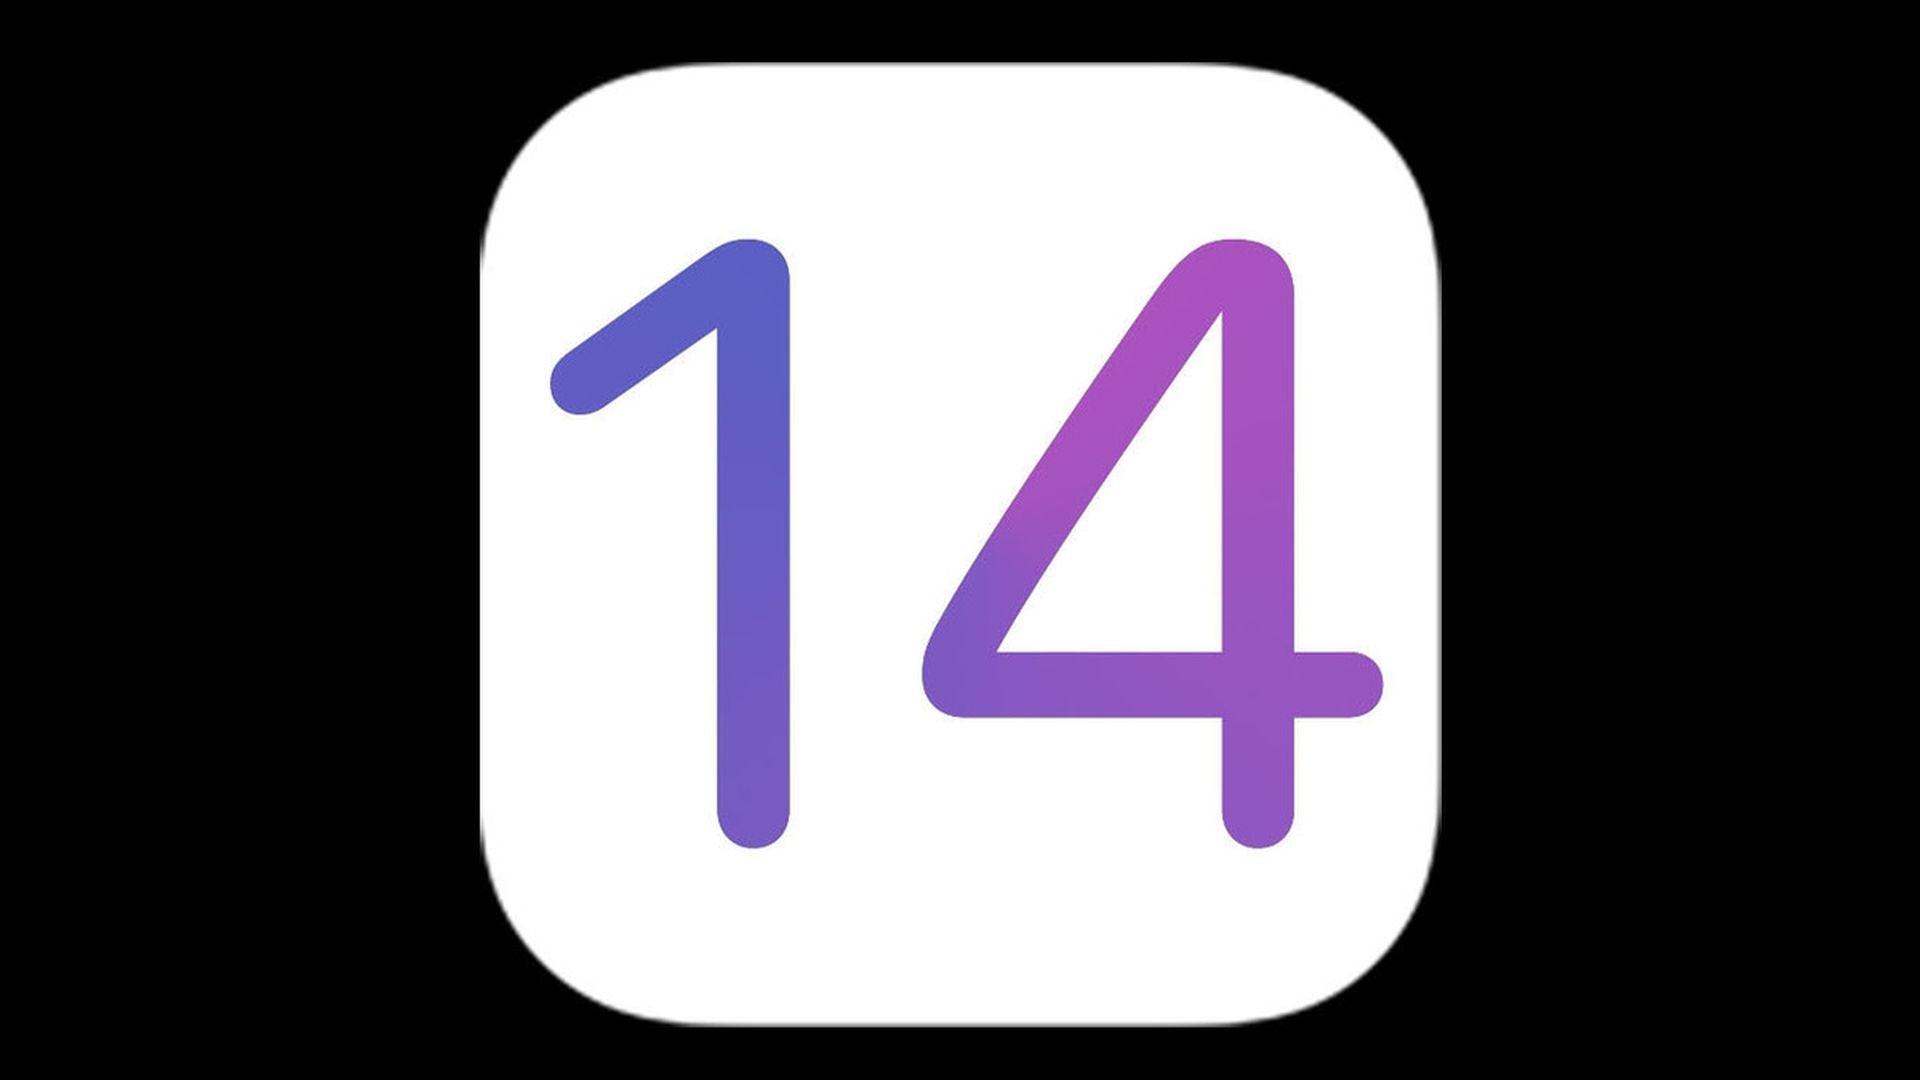 Prawdopodobna lista iUrządzeń, które mają być zgodne z iOS/iPadOS 14